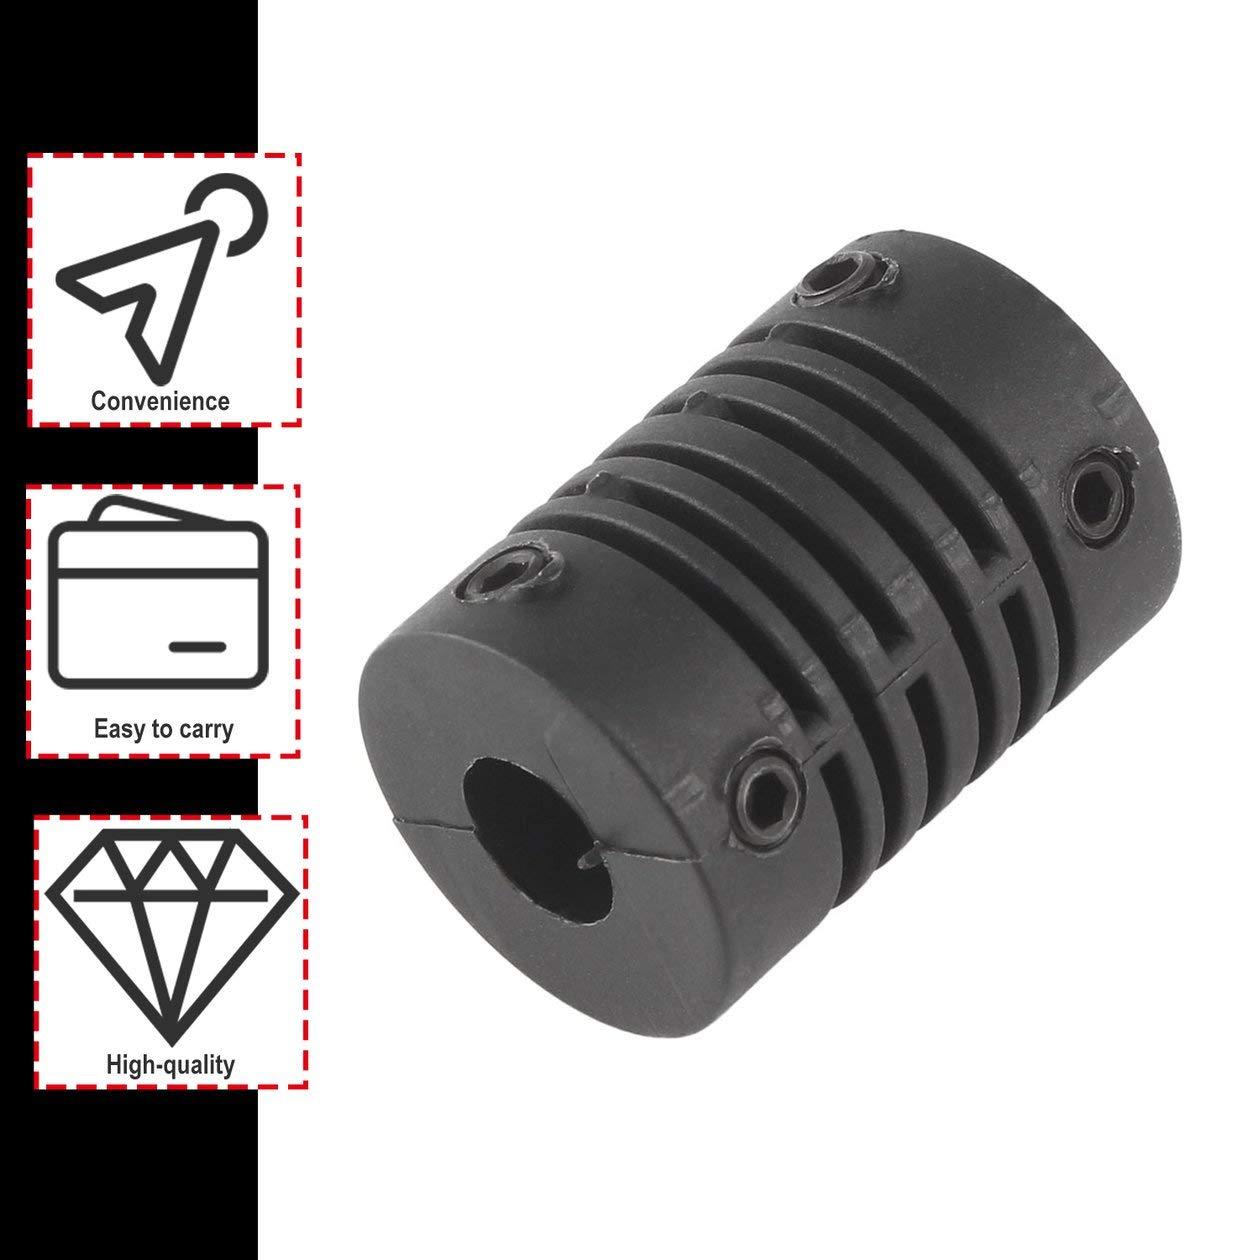 BIYI D15xL22 NUEVO 6x6mm Acoplador de eje de mand/íbula del motor CNC 6mm a 6mm Acoplamiento flexible OD 21 14MM color negro duradero negro